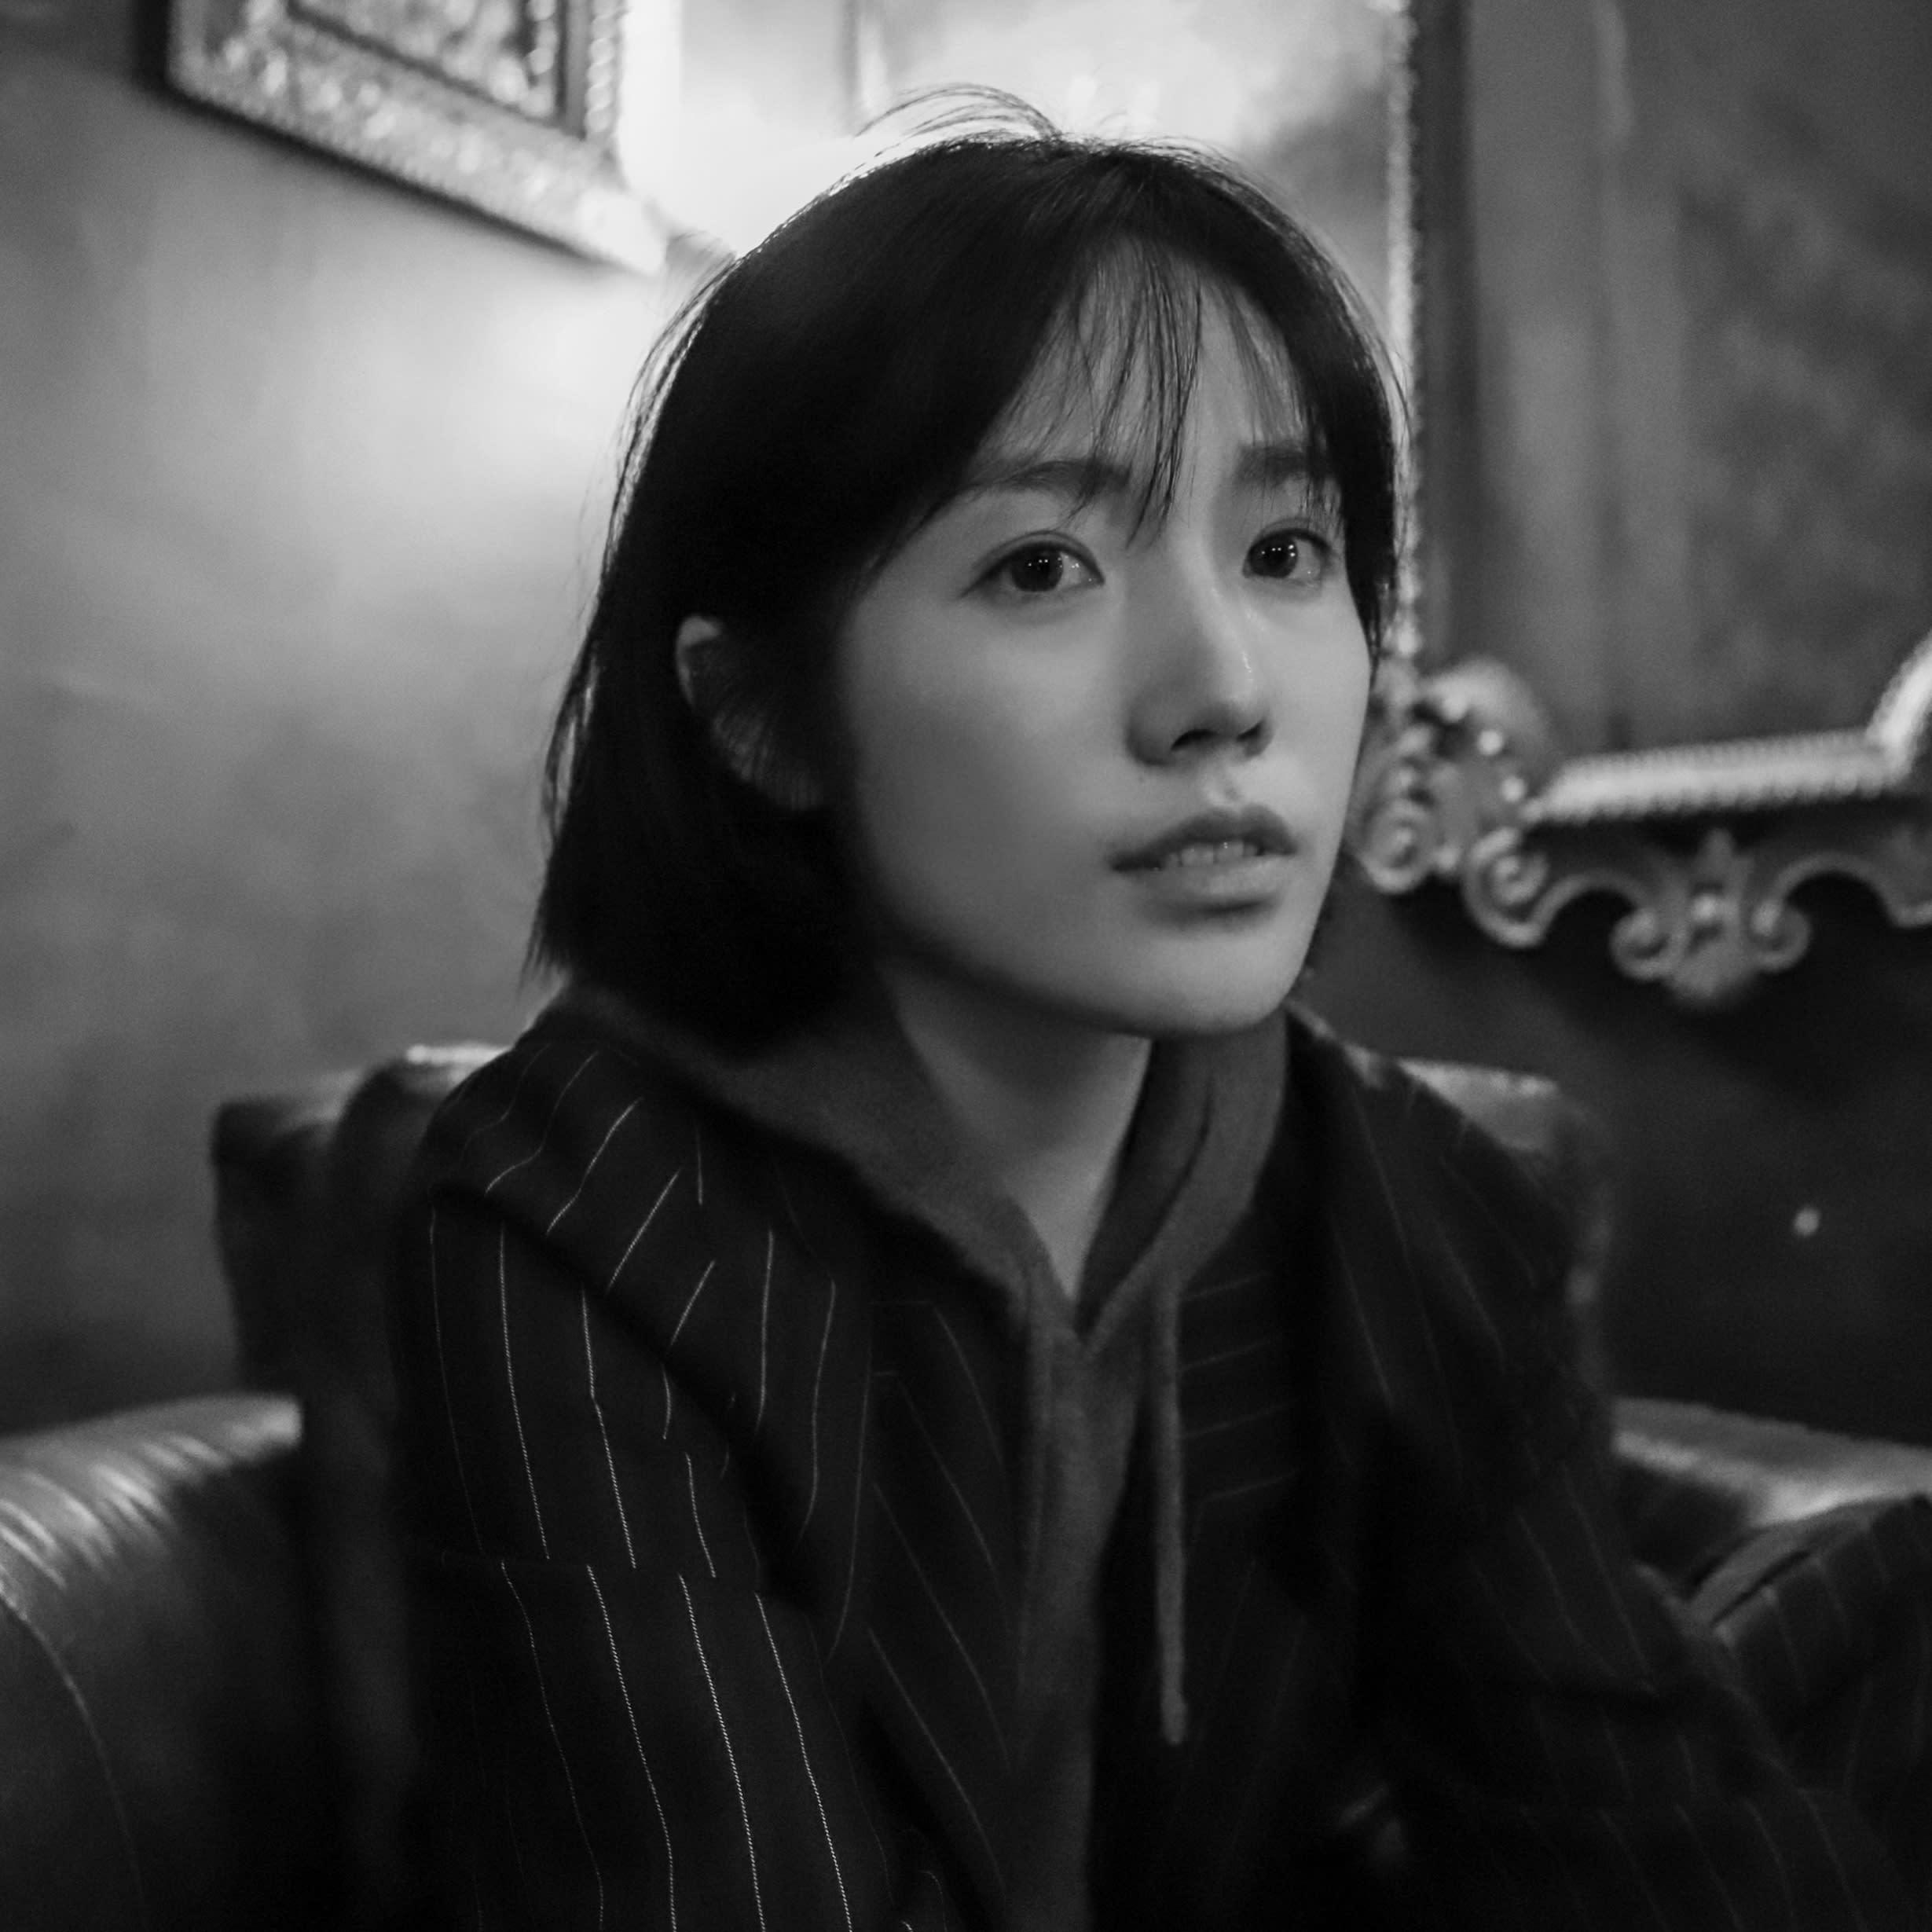 Tianqi (Angela) Liao